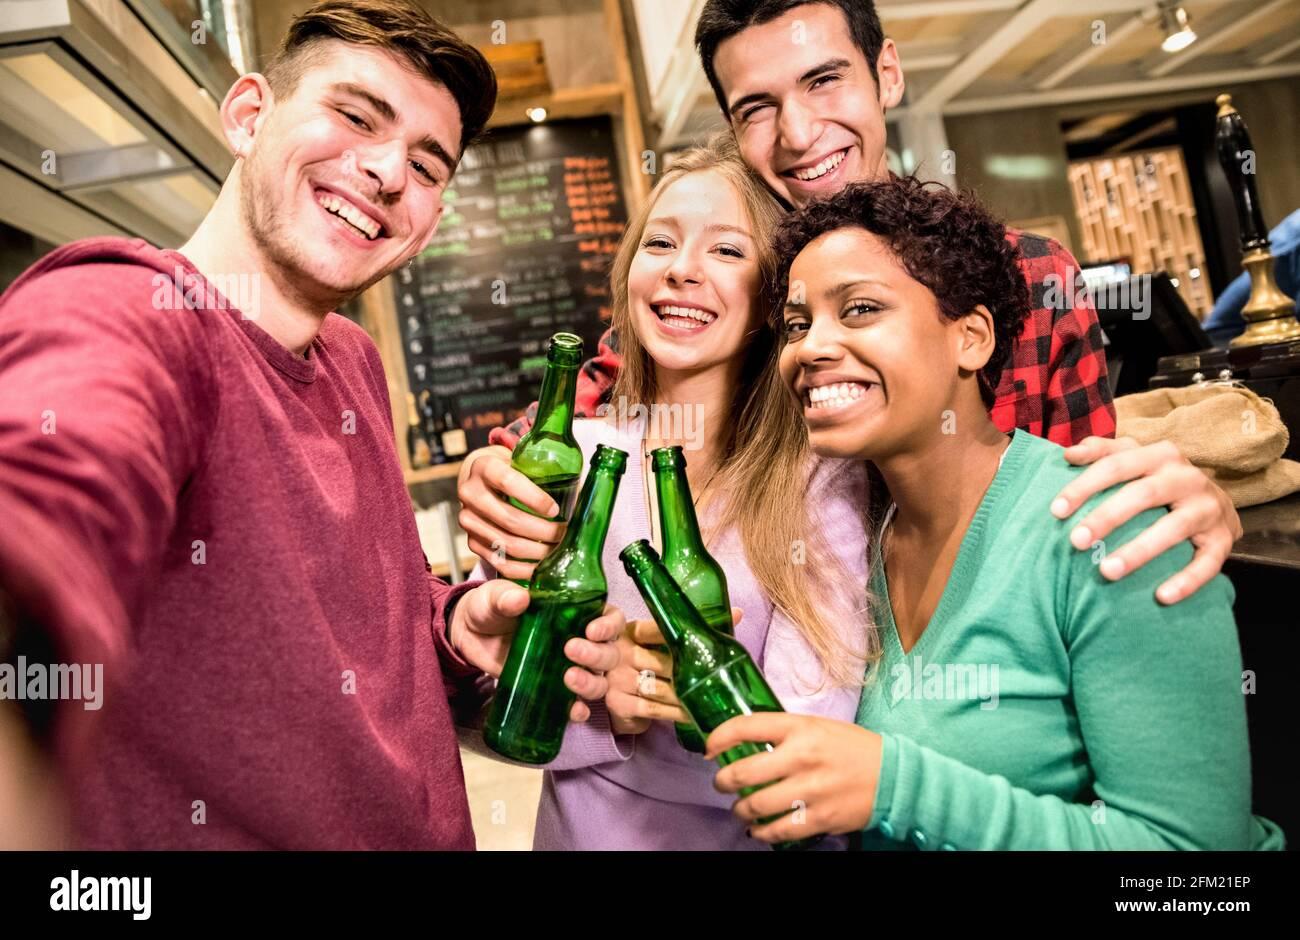 Amigos multirraciales tomando selfie y bebiendo cerveza en la cervecería de lujo Restaurante - Concepto de amistad con jóvenes que disfrutan del tiempo juntos Foto de stock